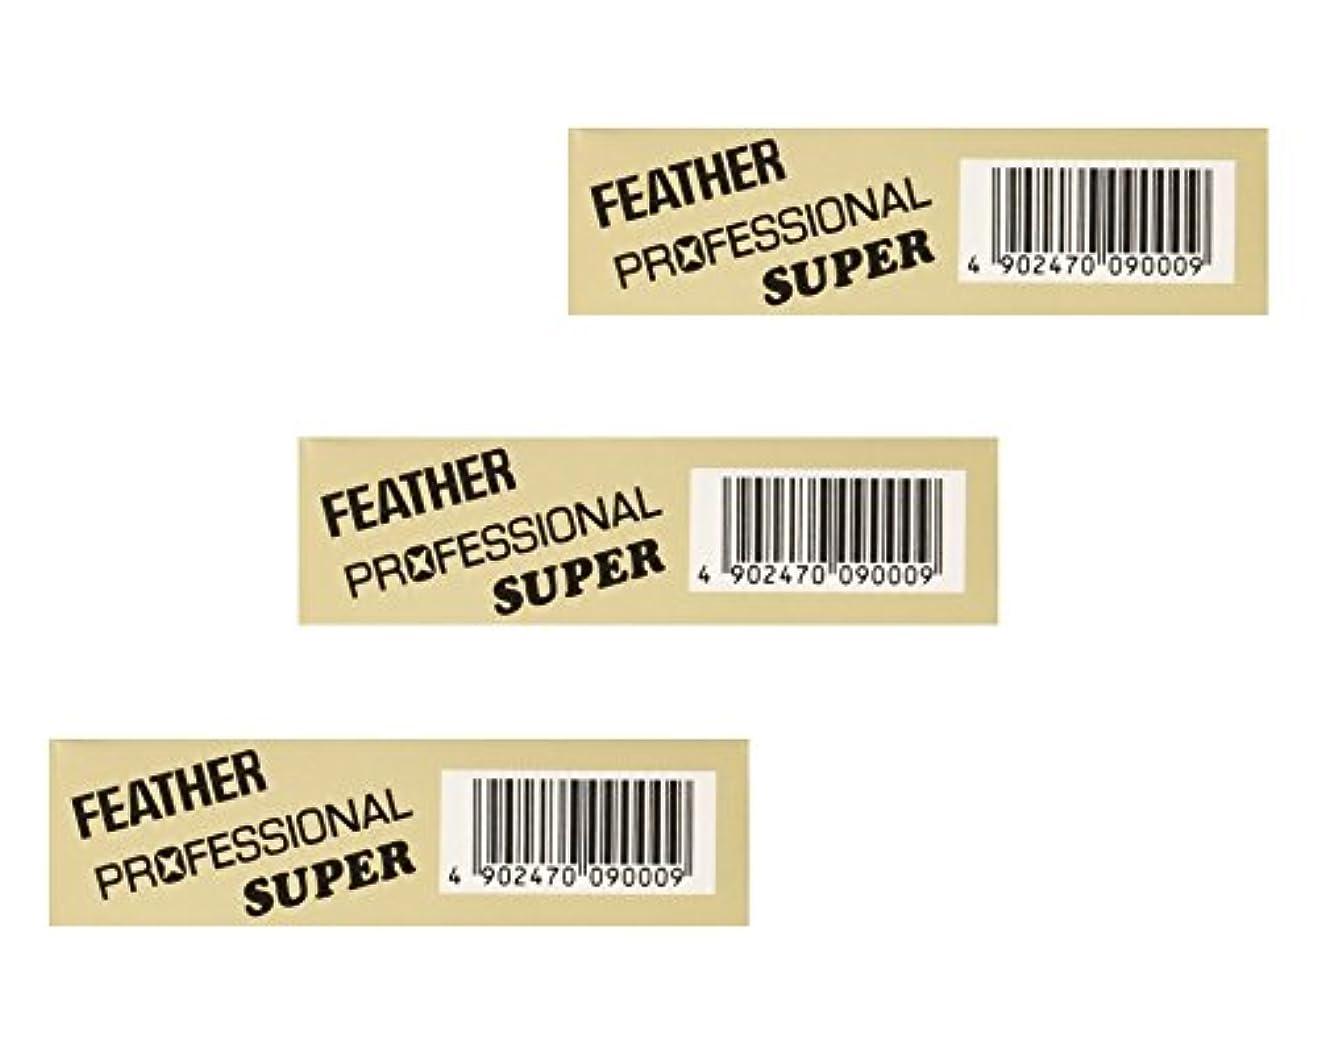 燃料不誠実組立【3個セット】フェザー プロフェッショナル スーパーブレード 20枚入 PS-20